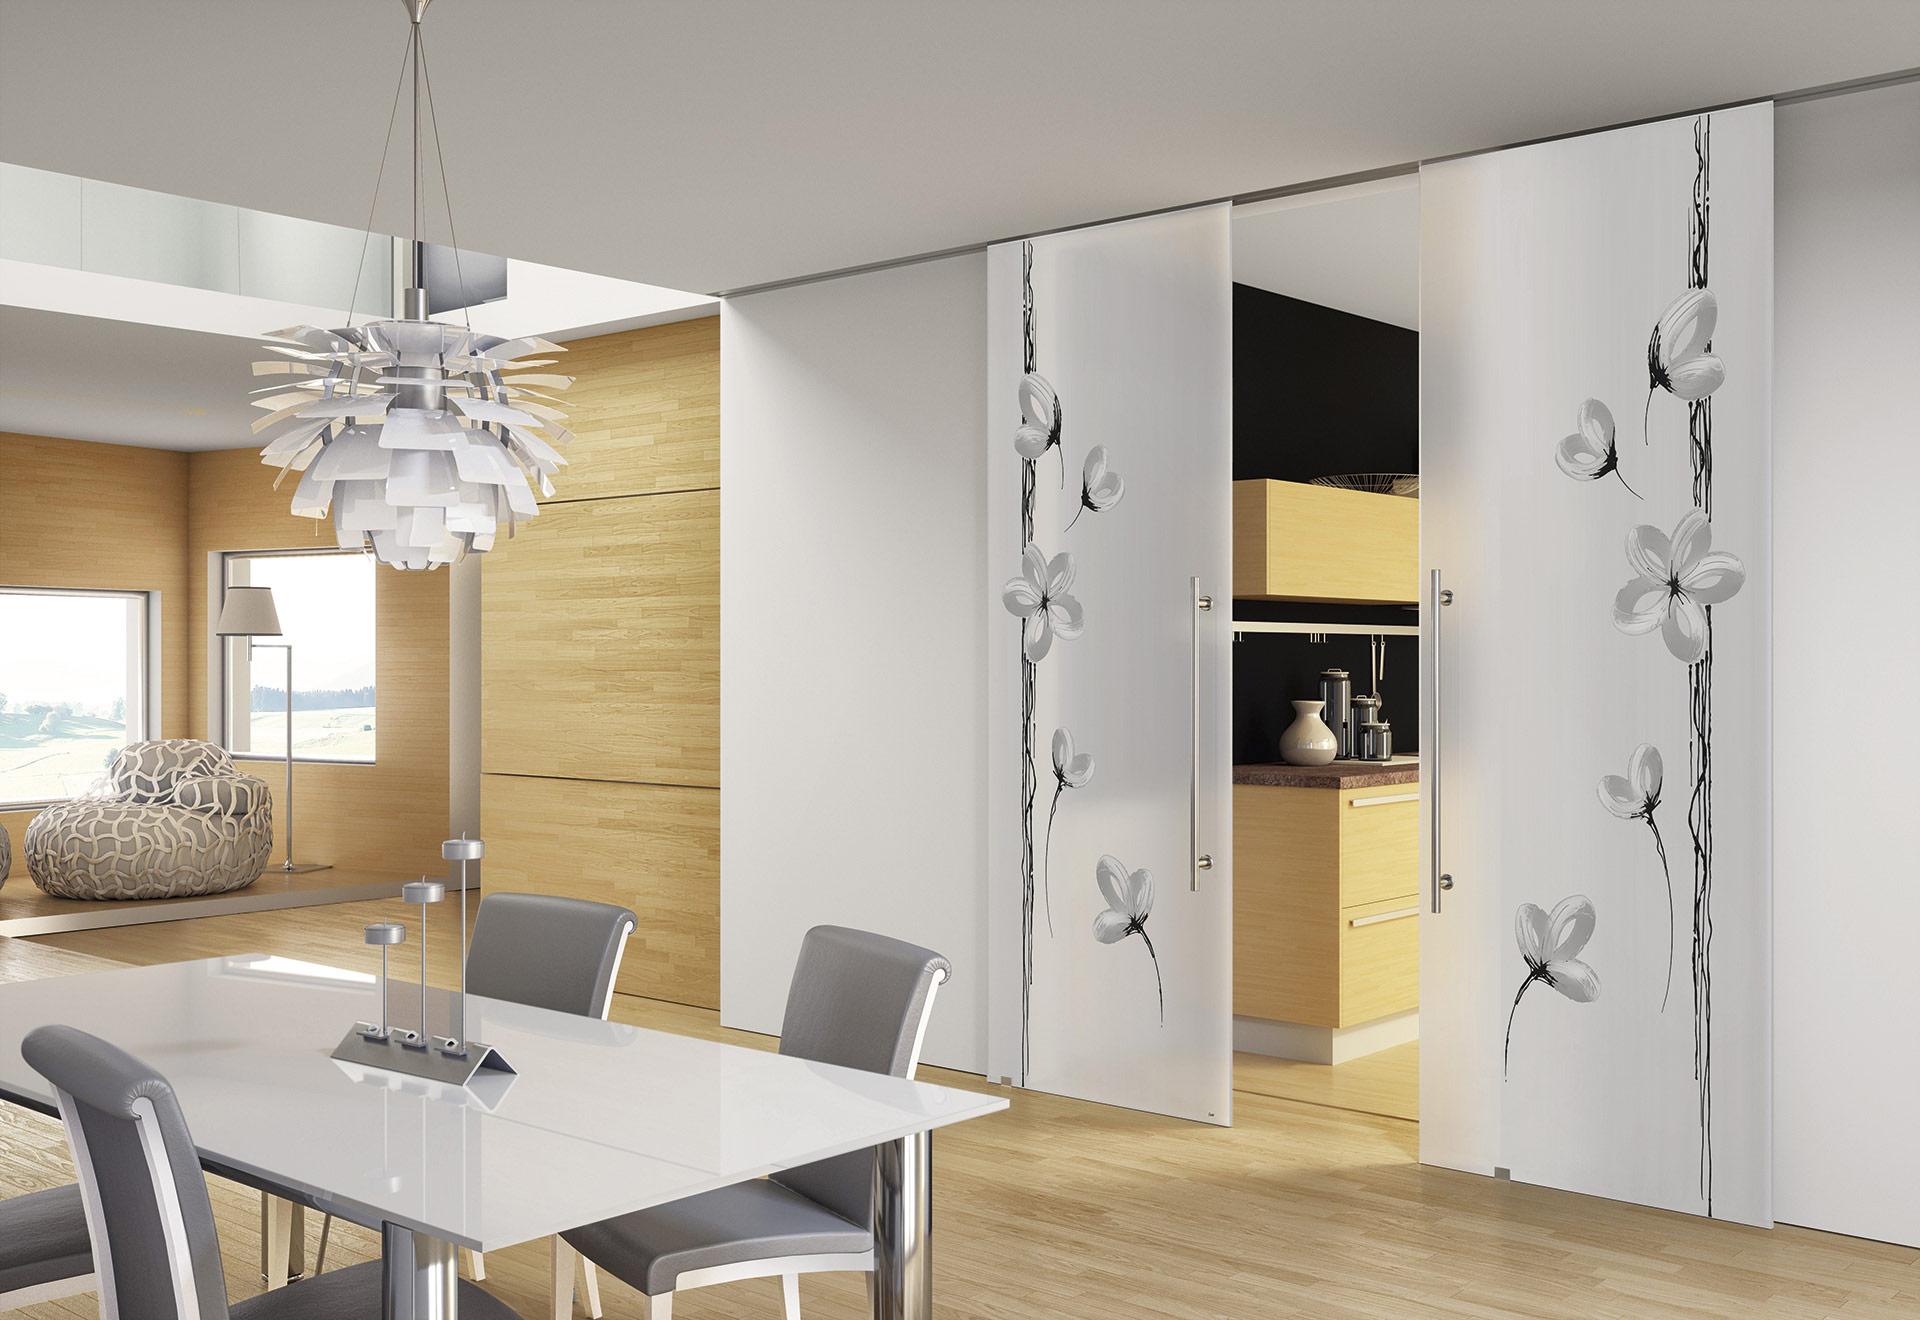 Cristal porte e vetri decorati bergo porte for Mobili soggiorno decorati